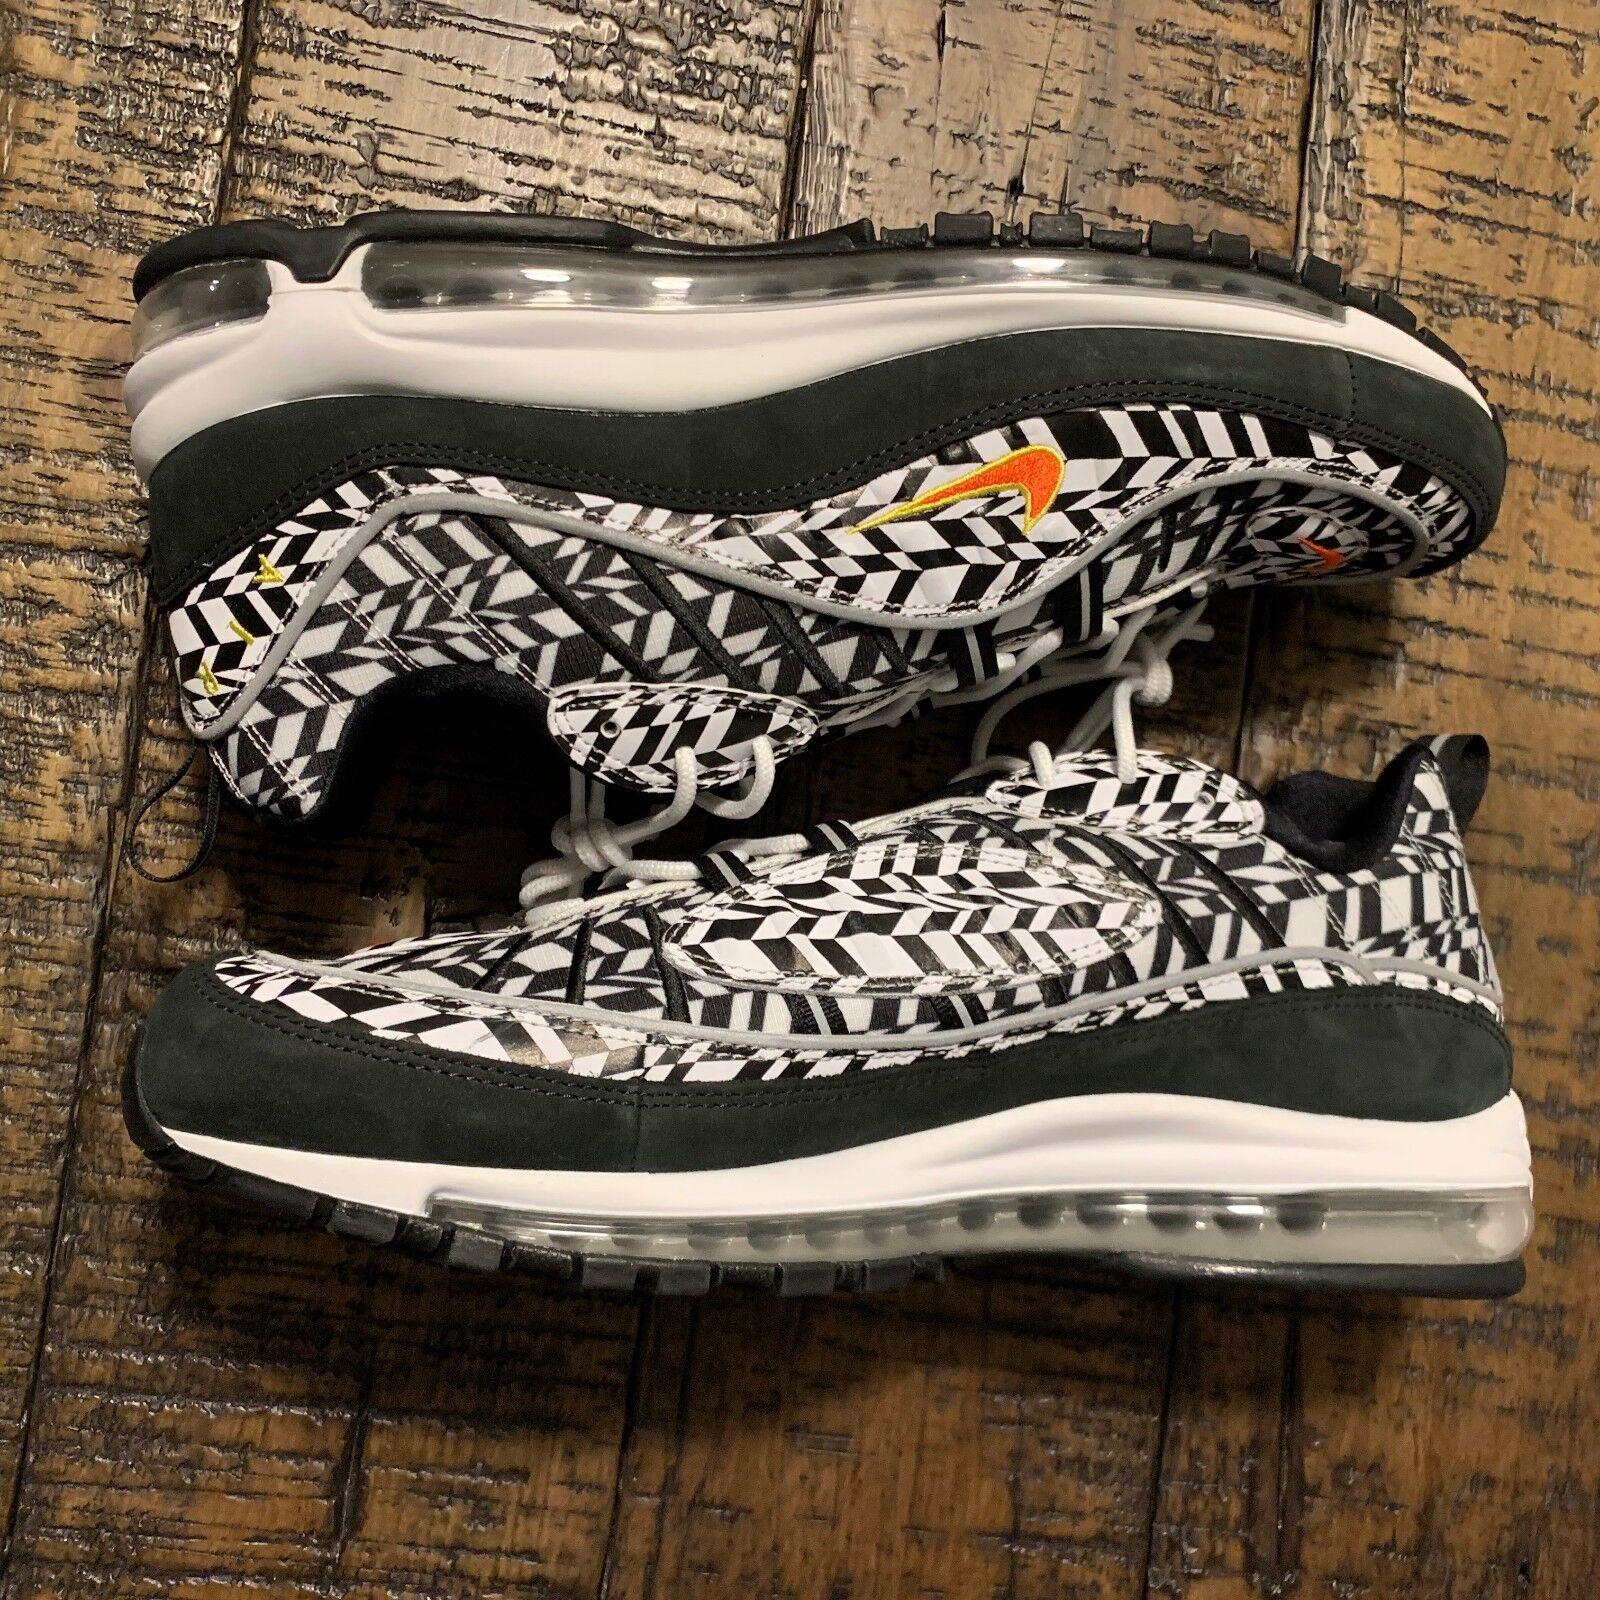 Nike Air Max 98 AOP White Team orange Black AQ4130 100 Men's Size 11.5 NO BOX LI